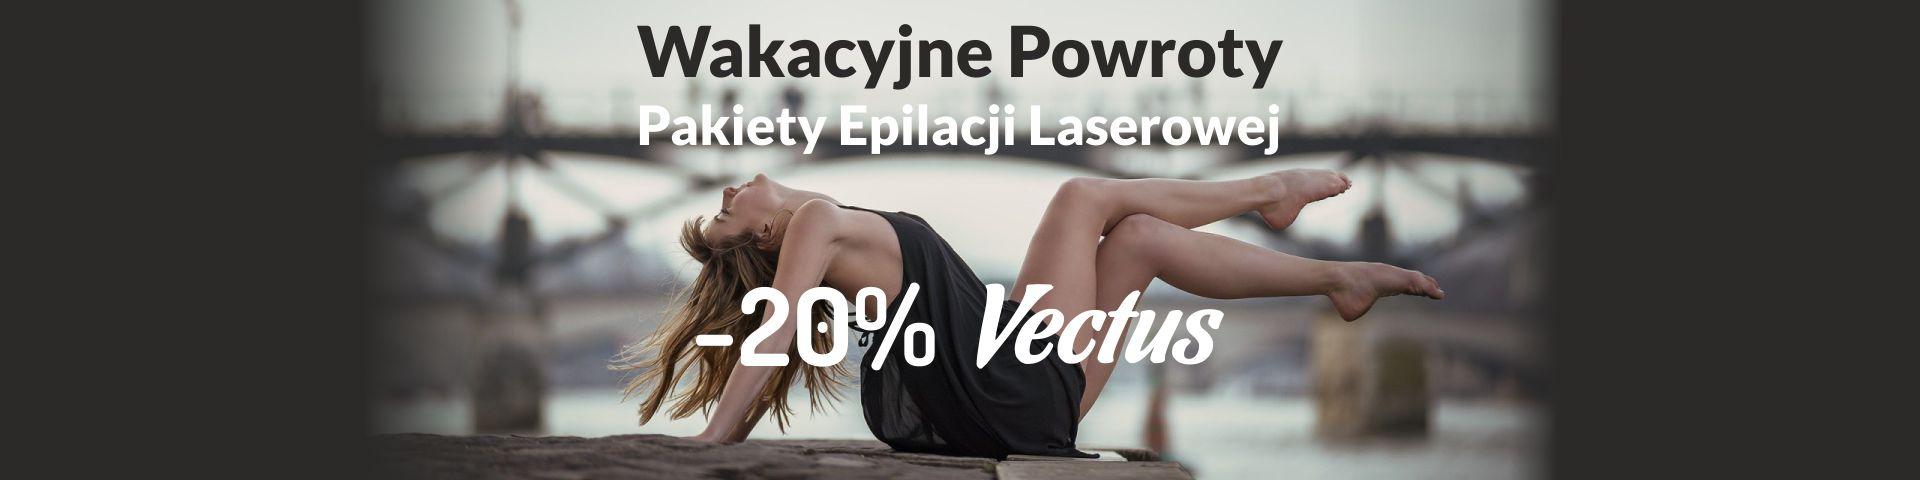 Epilacja laserowa Vectus - jesień - promocja